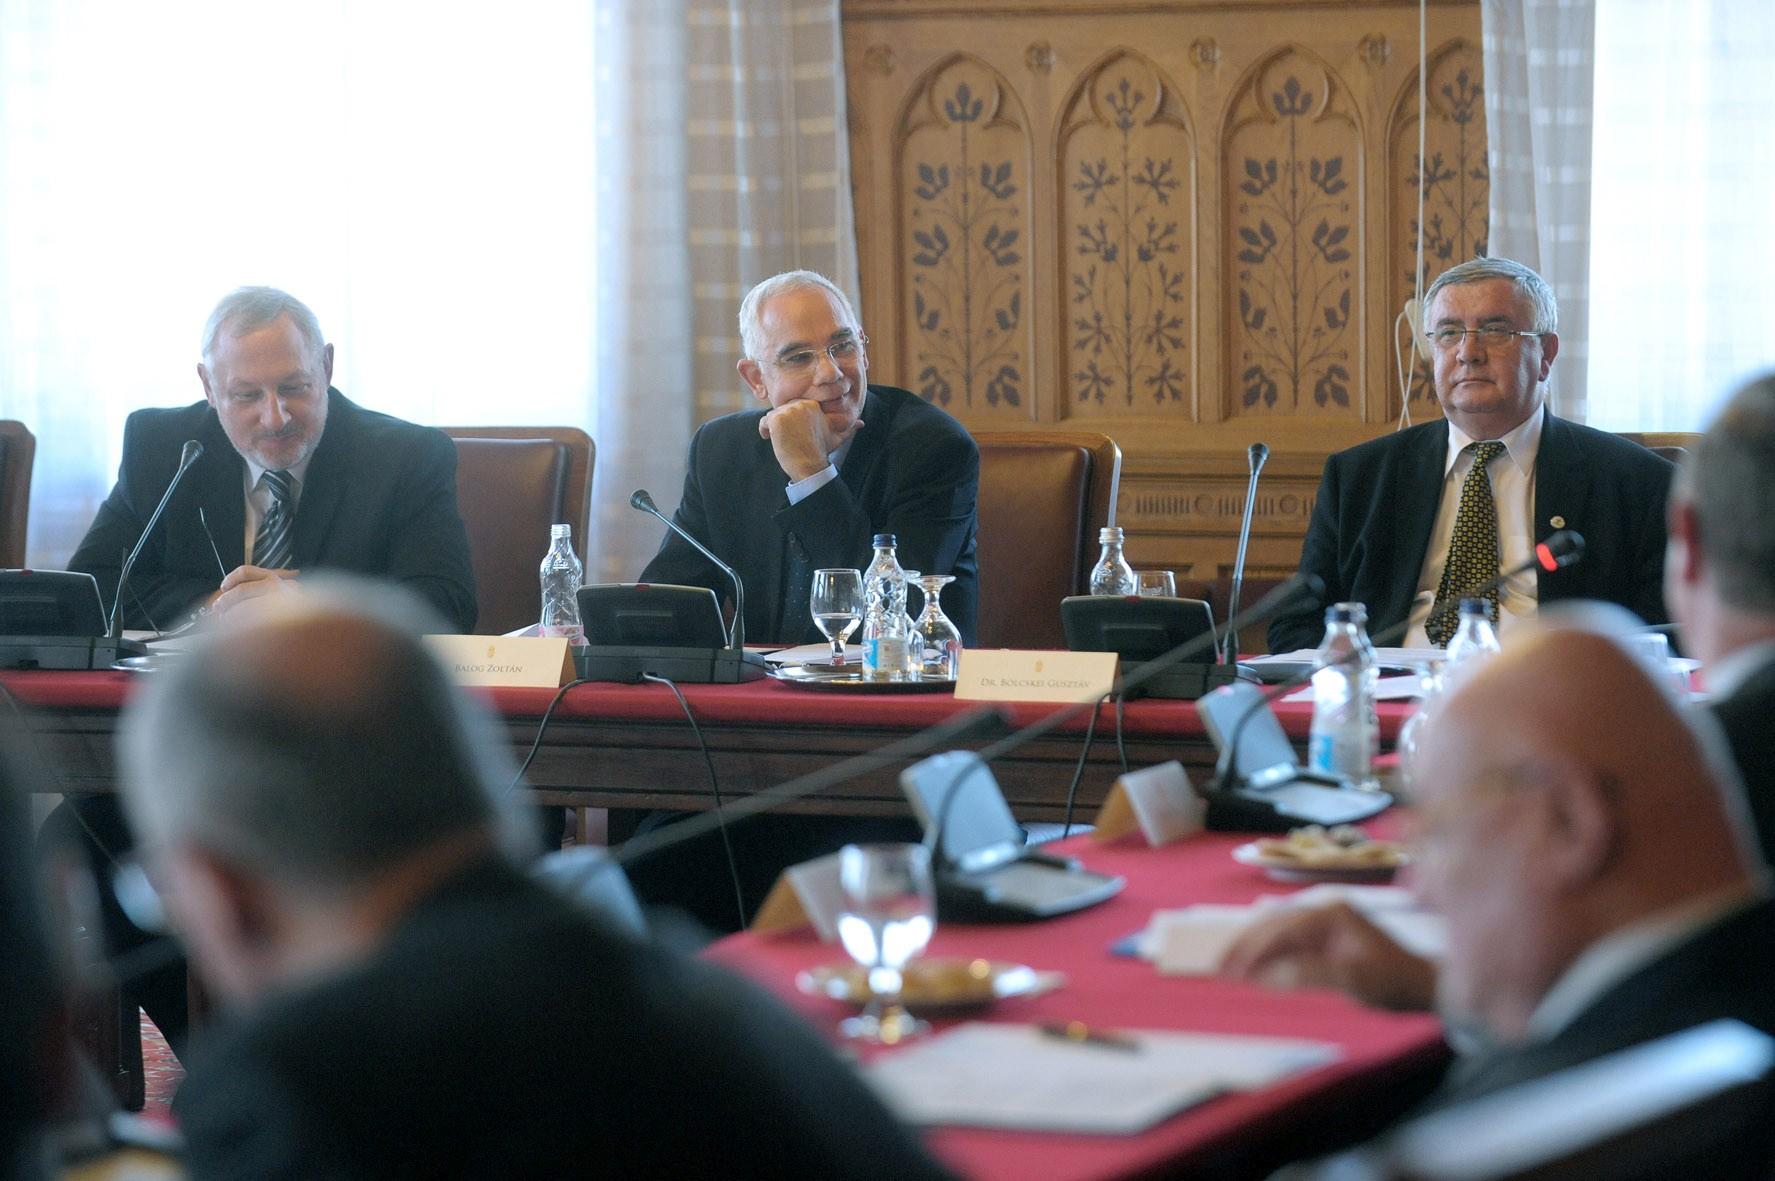 Második alkalommal ülésezett a Reformáció Emlékbizottság